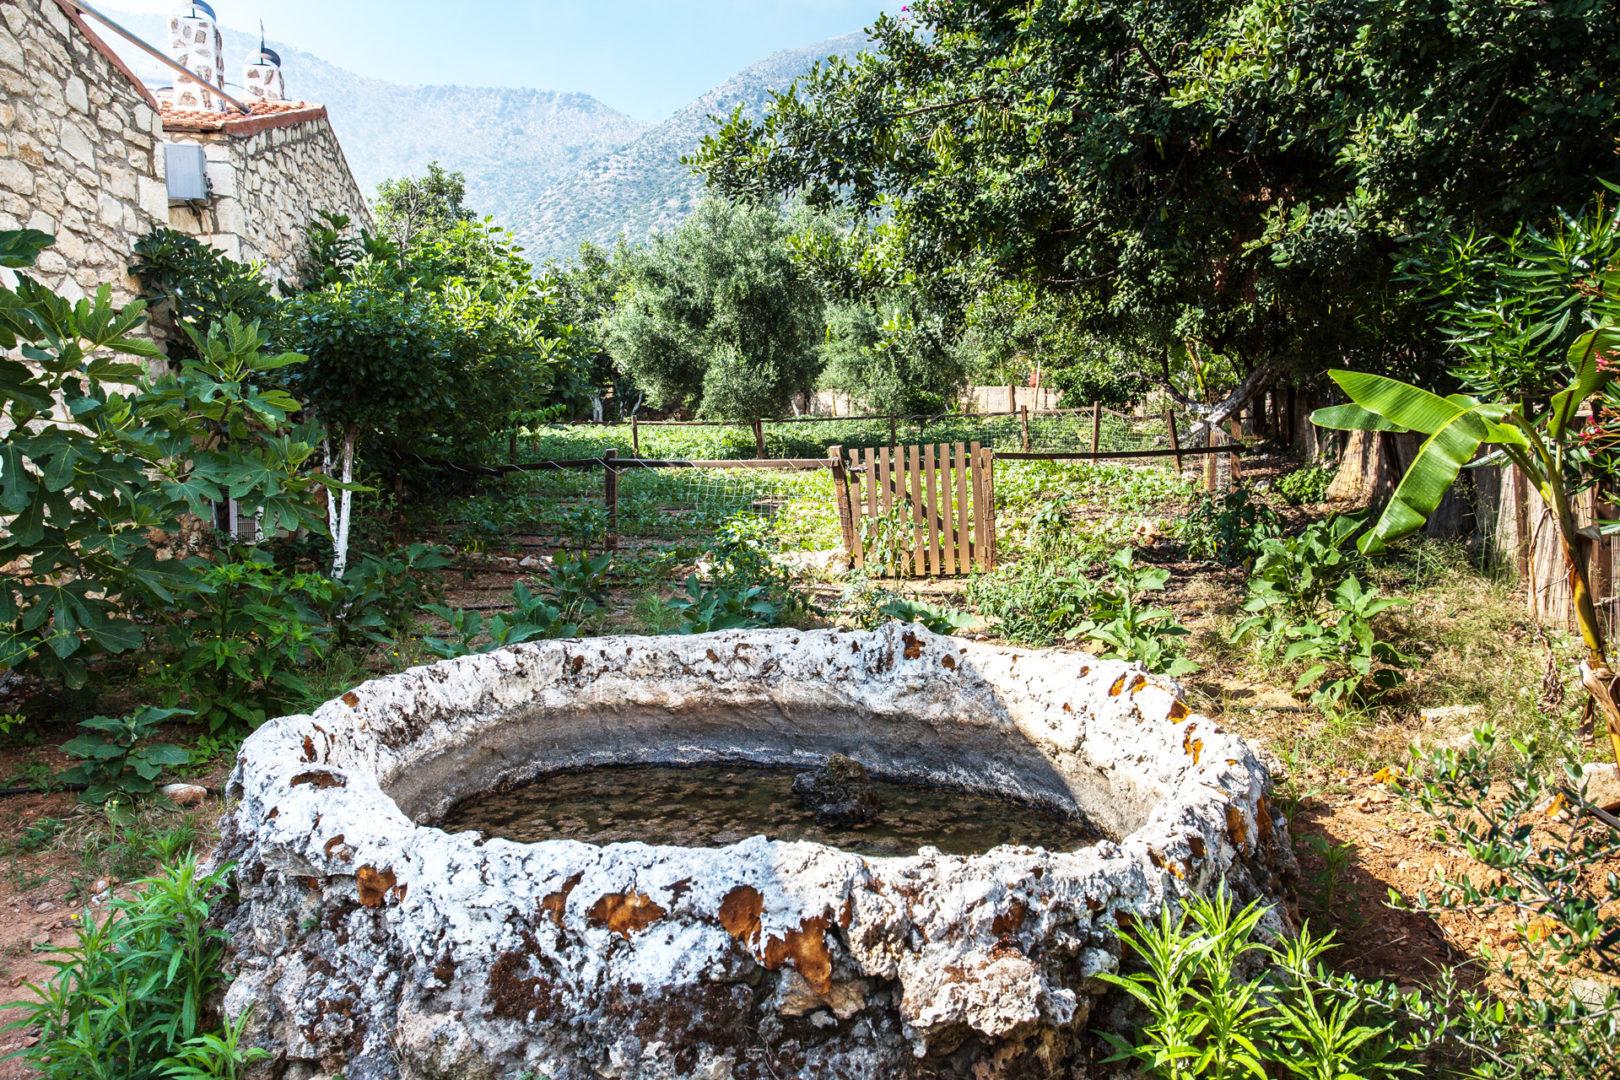 Hotel in Bali Crete - Stone Village - Village 13